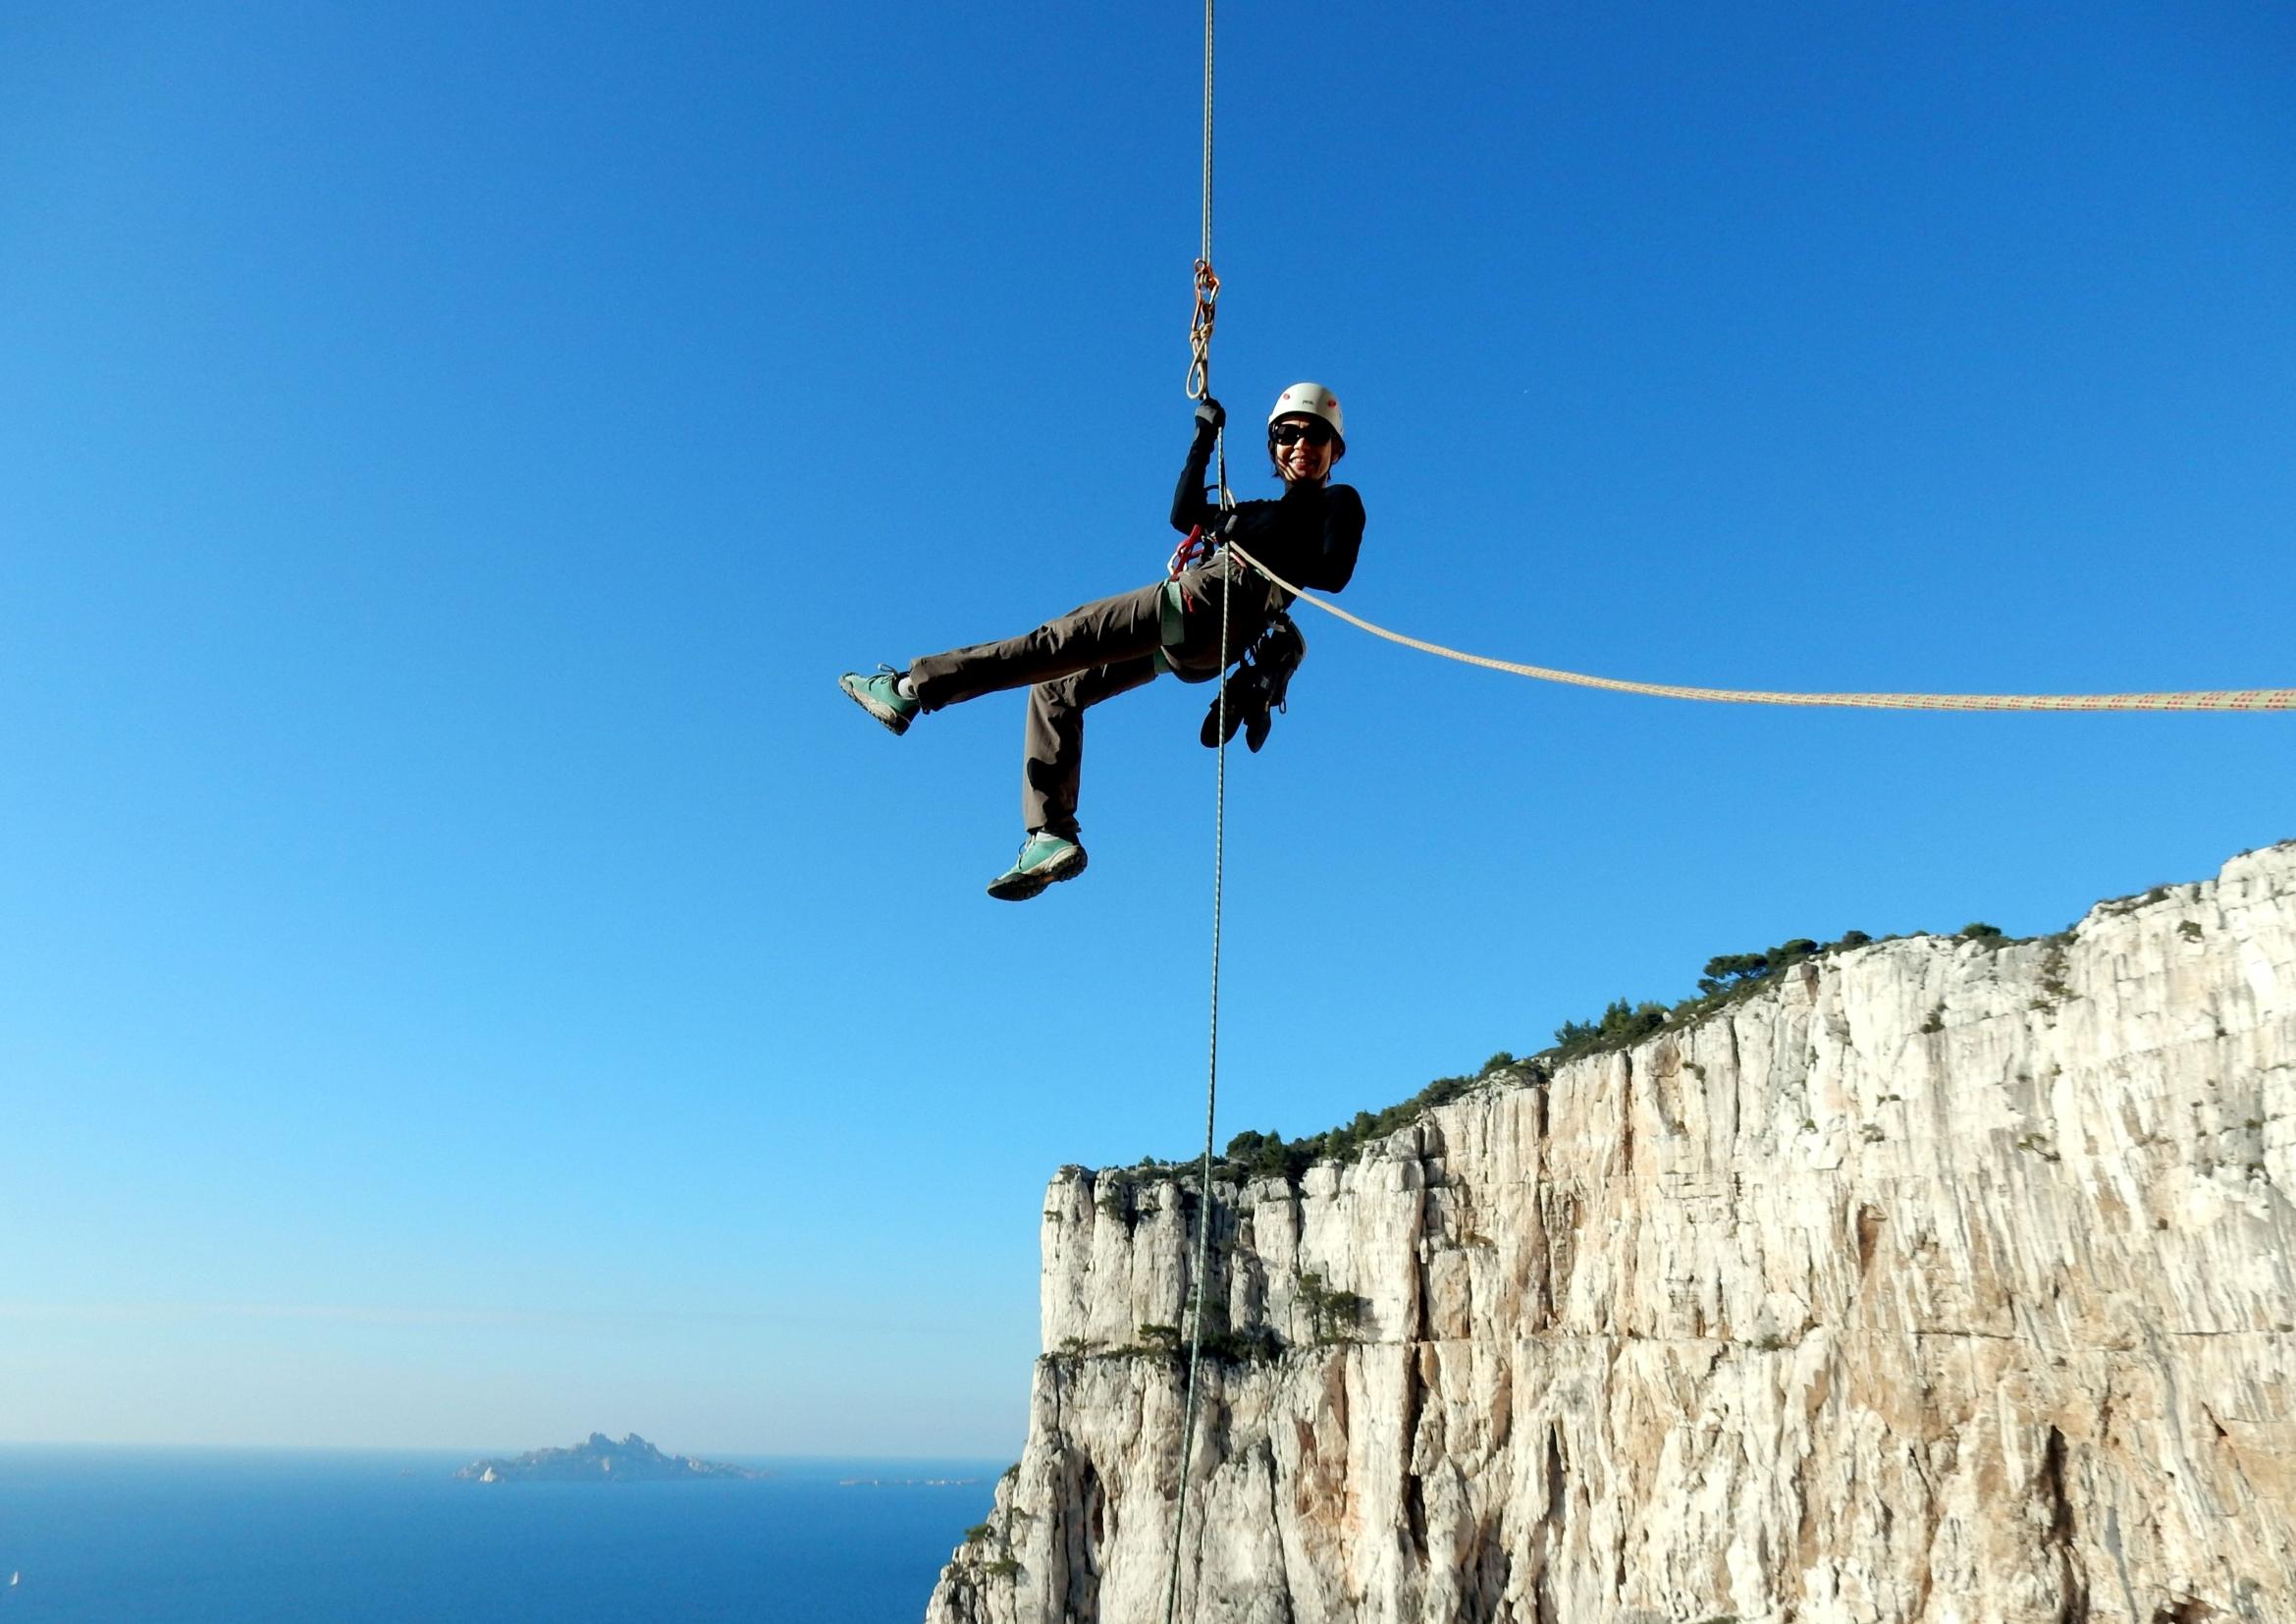 grimpe escalade et randonnée dans les calanques, rappel etat d'urgence devenson